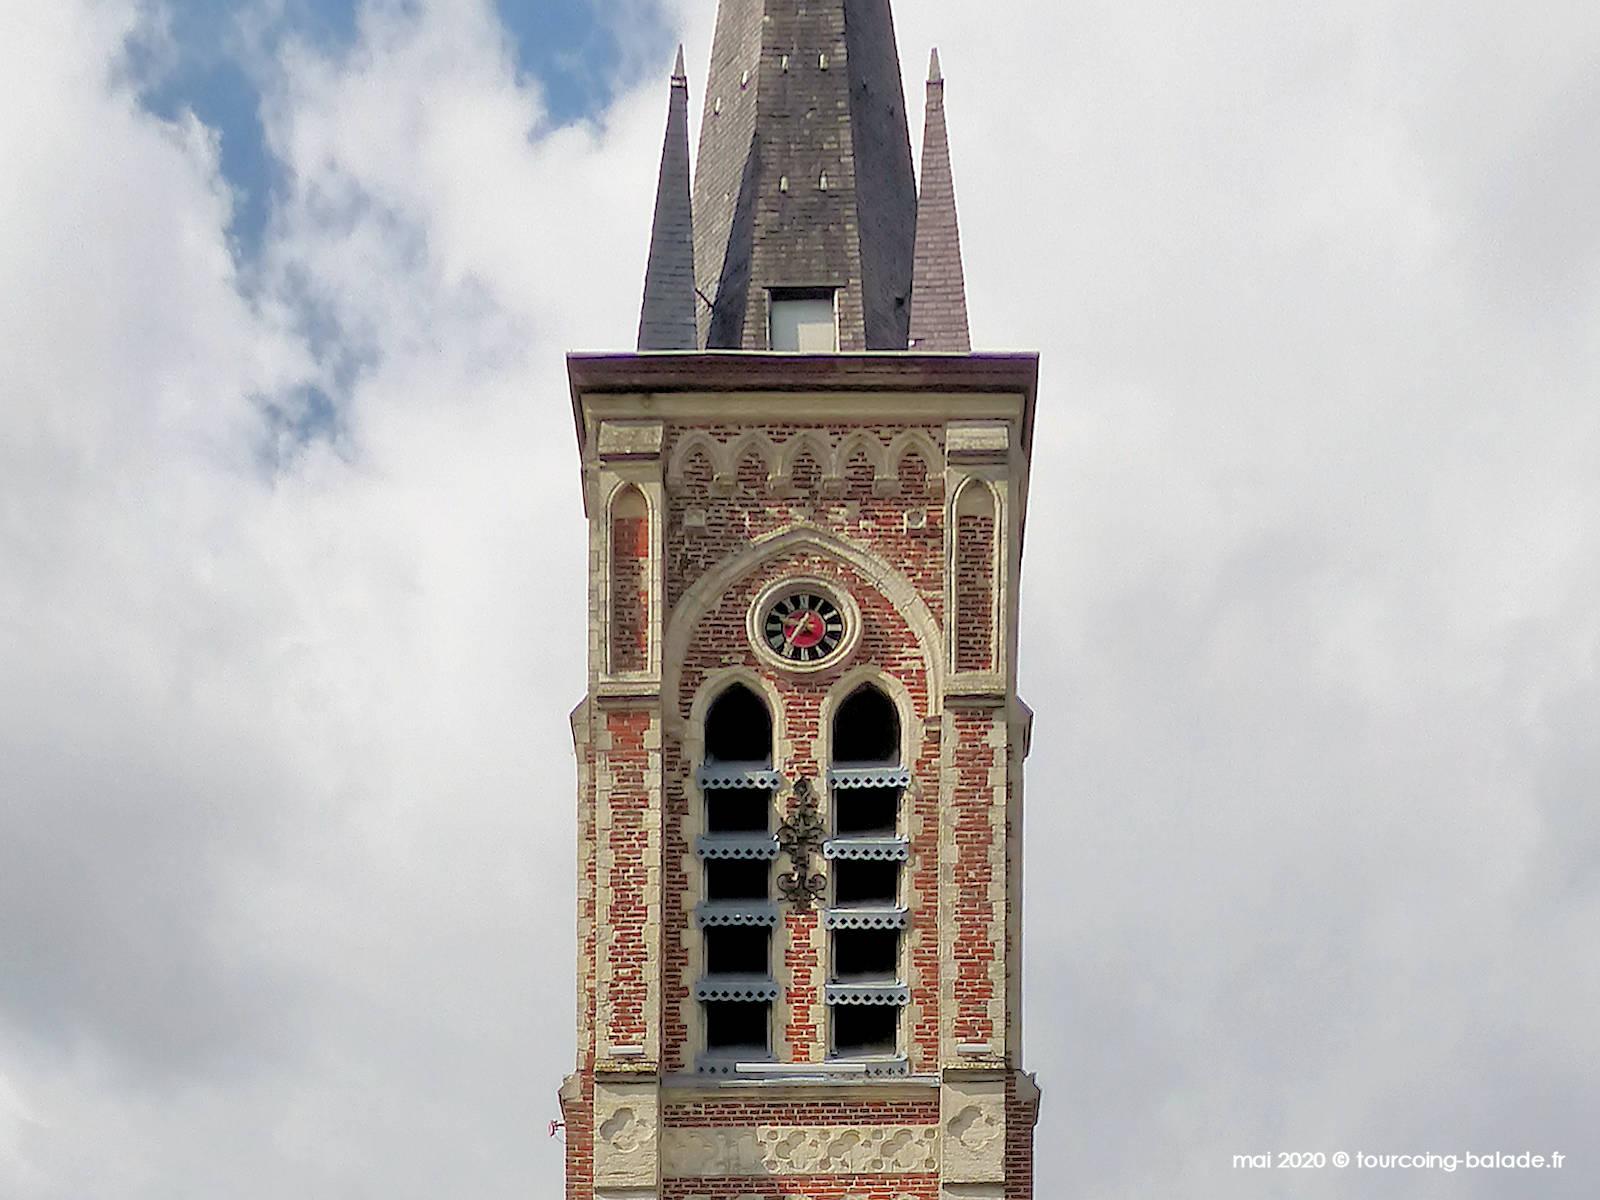 Clocher de l'église Sainte Rita, Vendeville, 2020.